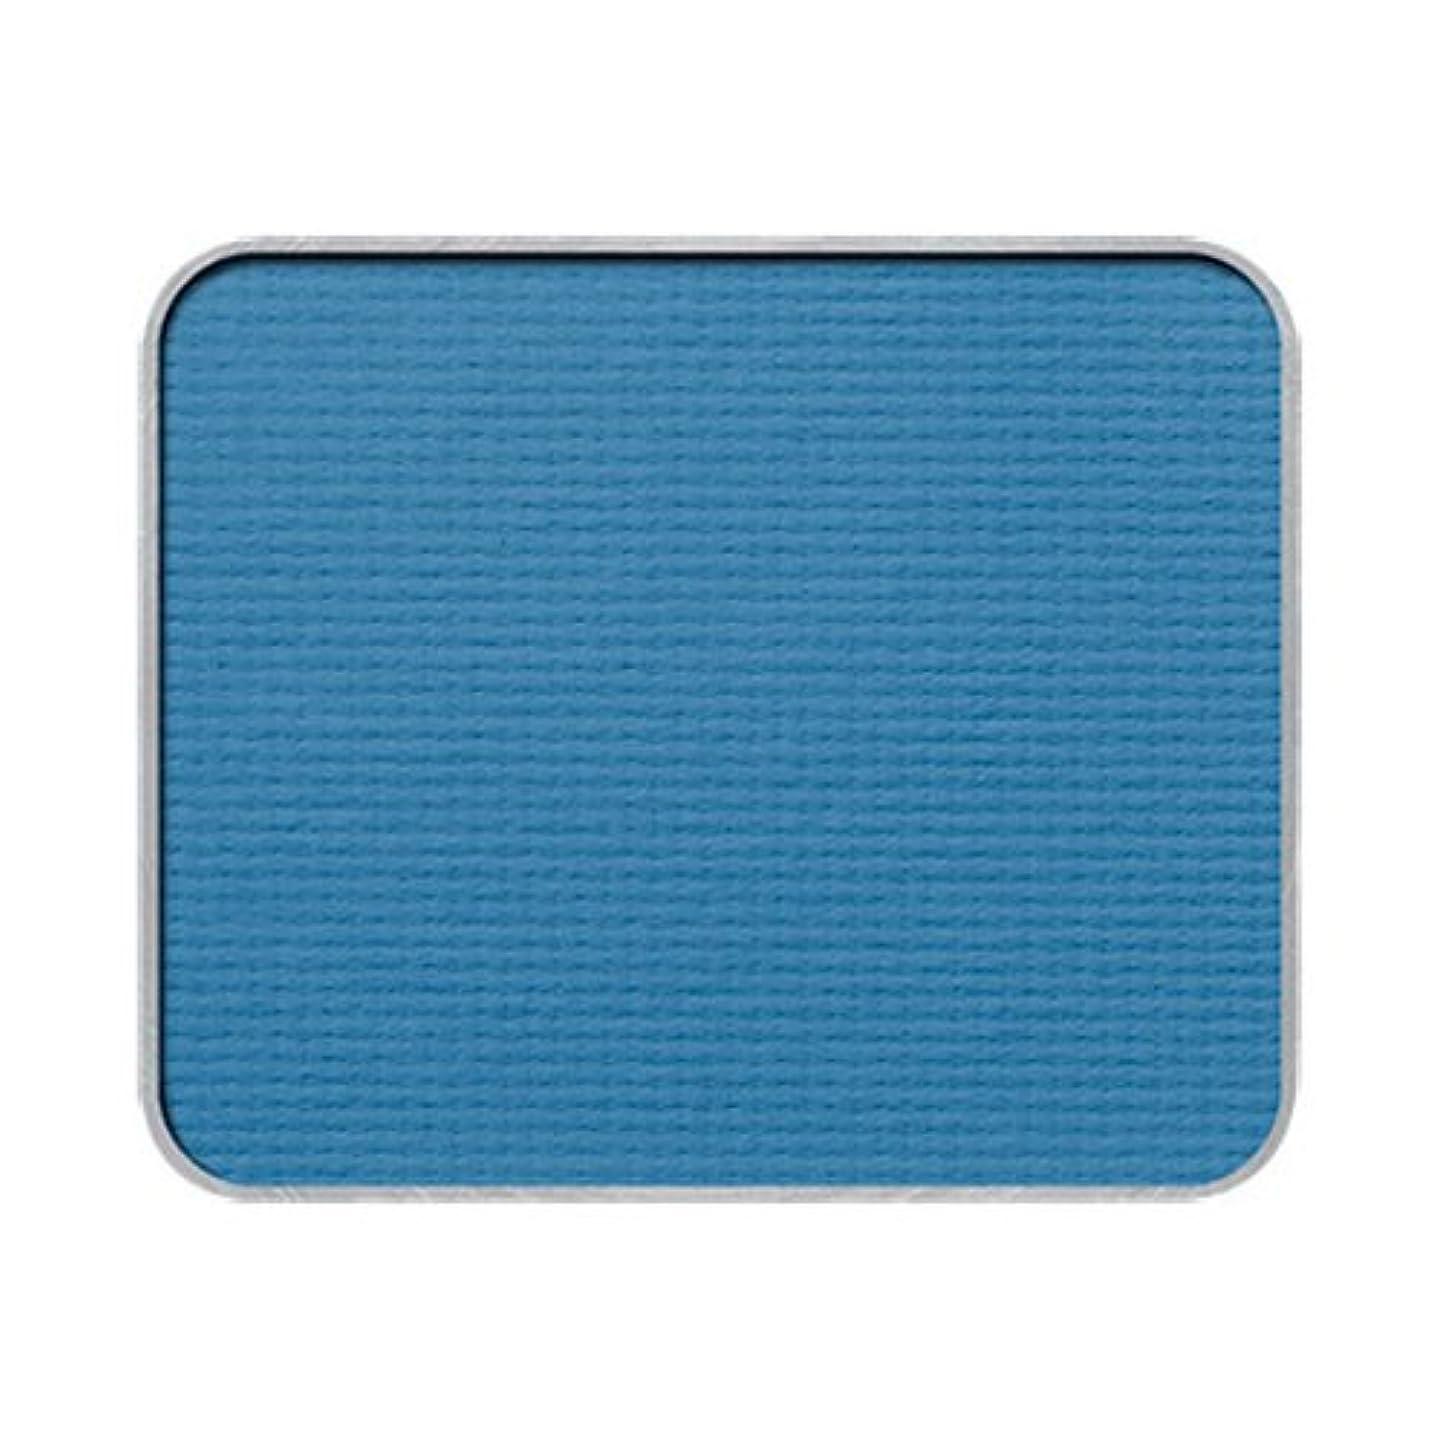 懐疑論公式磁器プレスド アイシャドー (レフィル) M ブルー 660